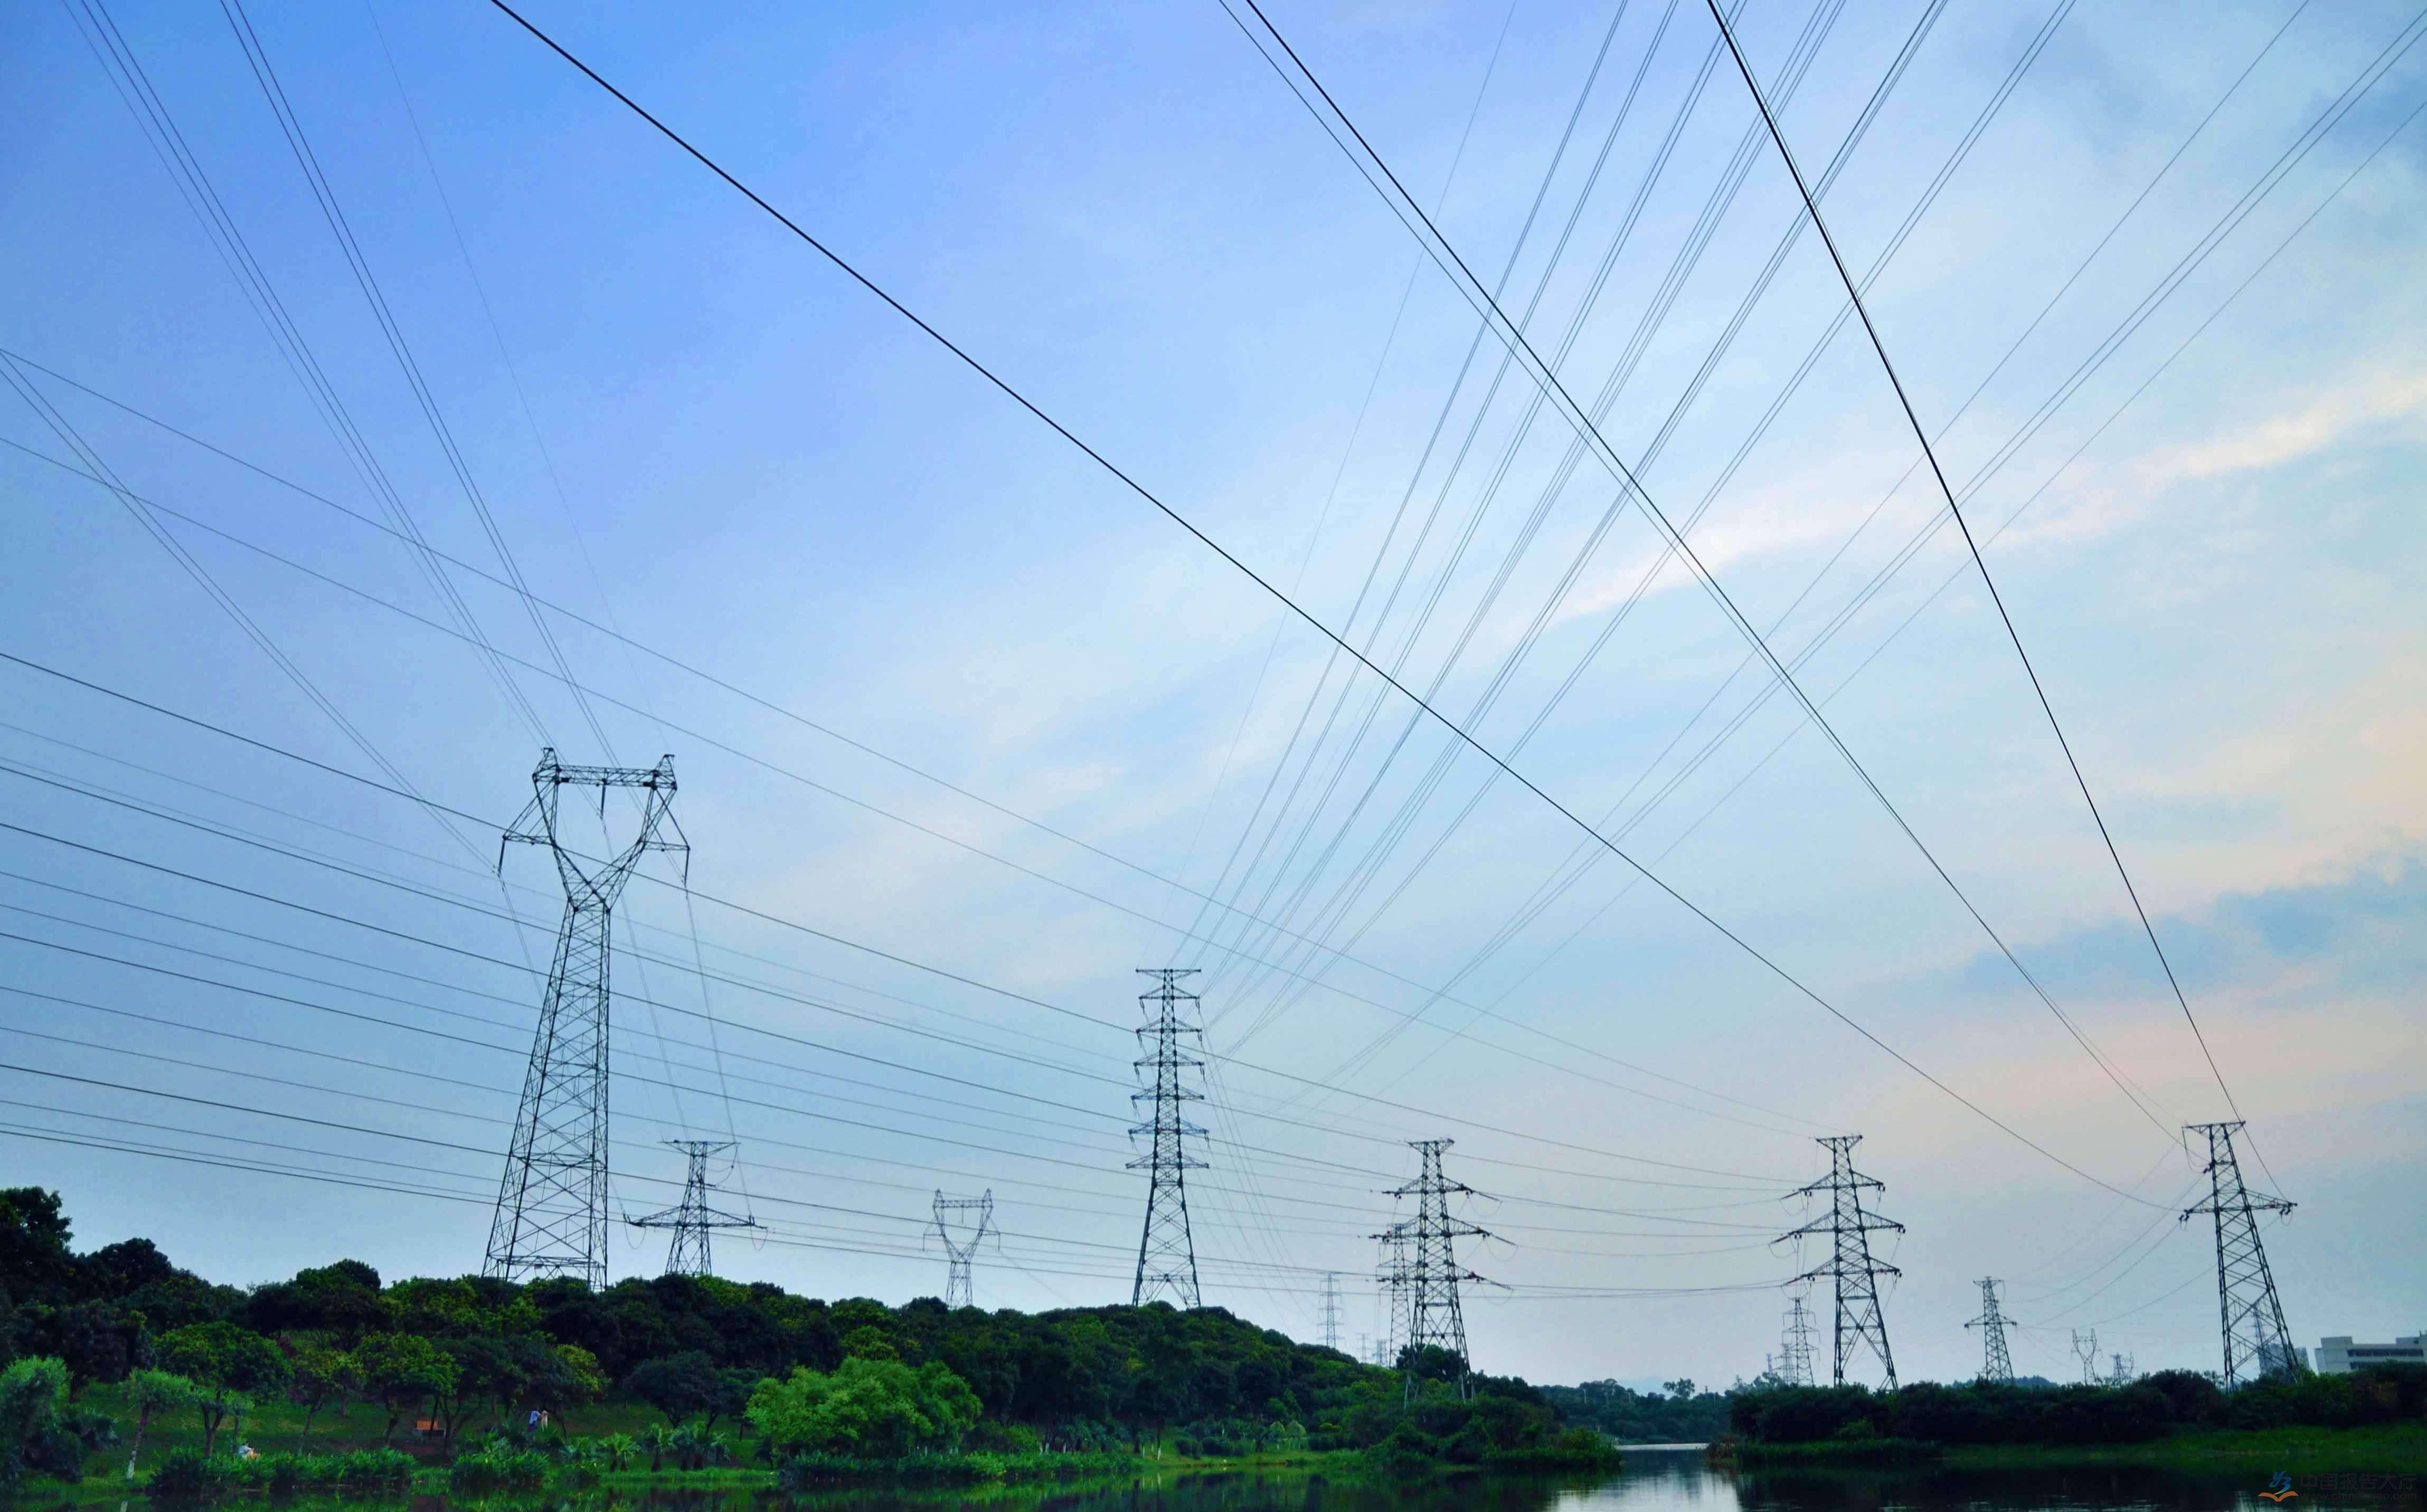 泛在电力物联网将与智能电网相辅相成并融合发展